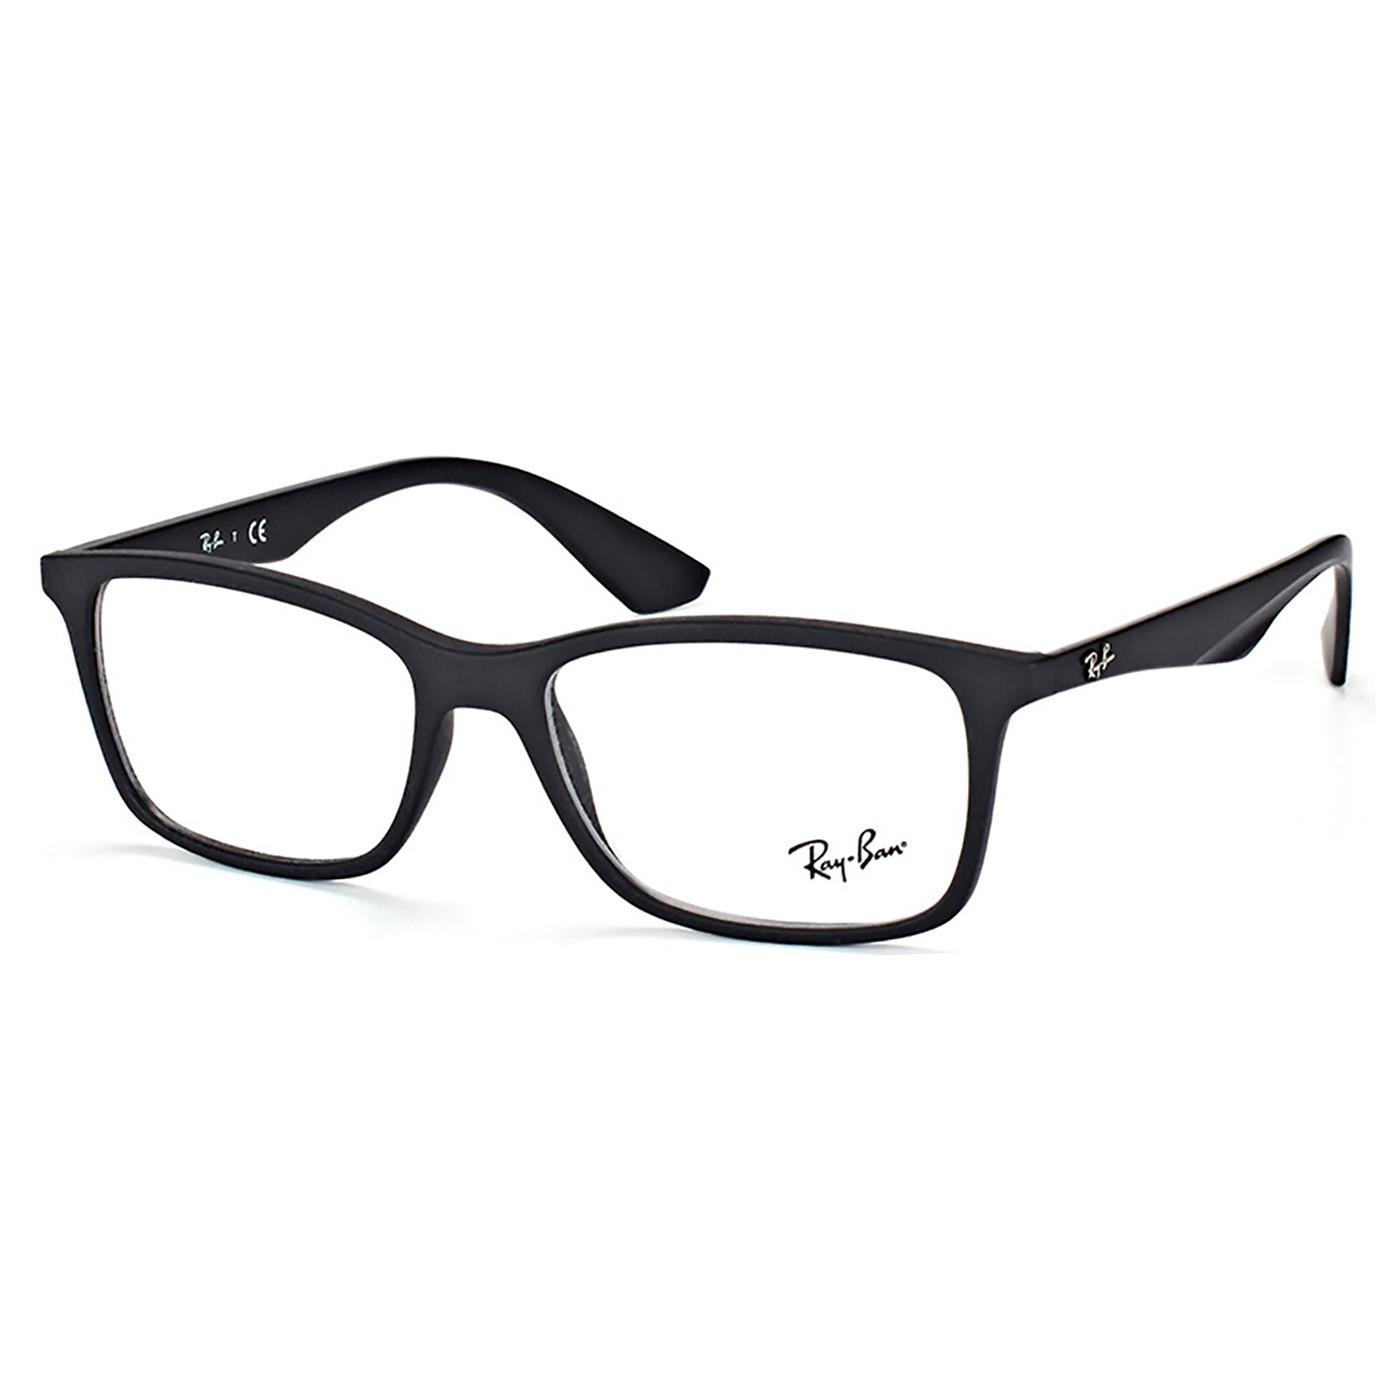 Armação de Óculos Masculino Ray Ban RX7047L Preto Fosco